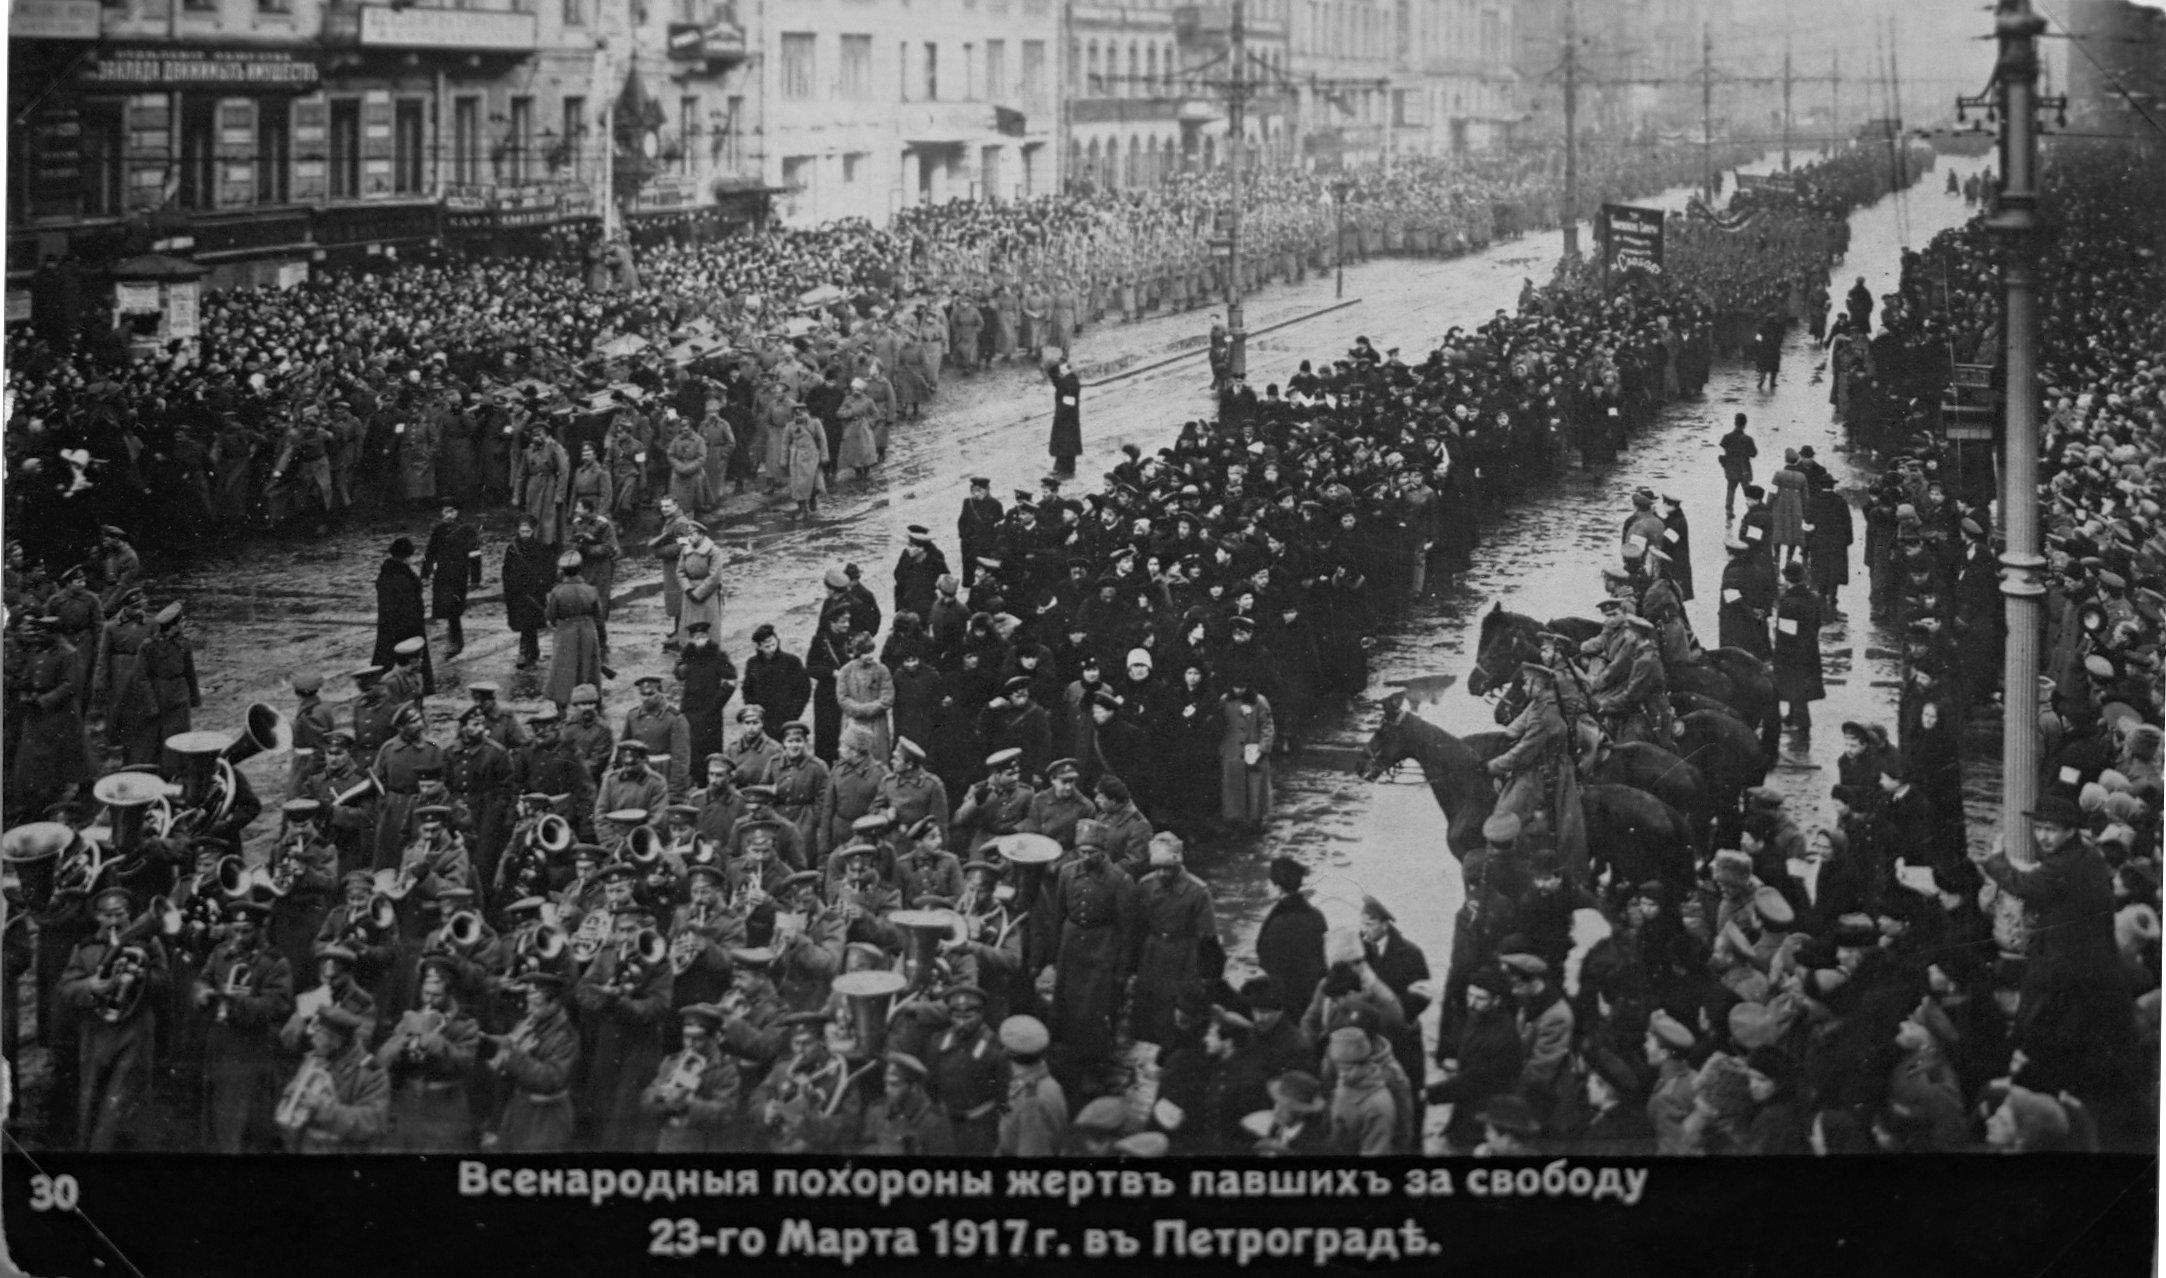 Funerales por las víctimas de la Revolución el 5 de abril de 1917.